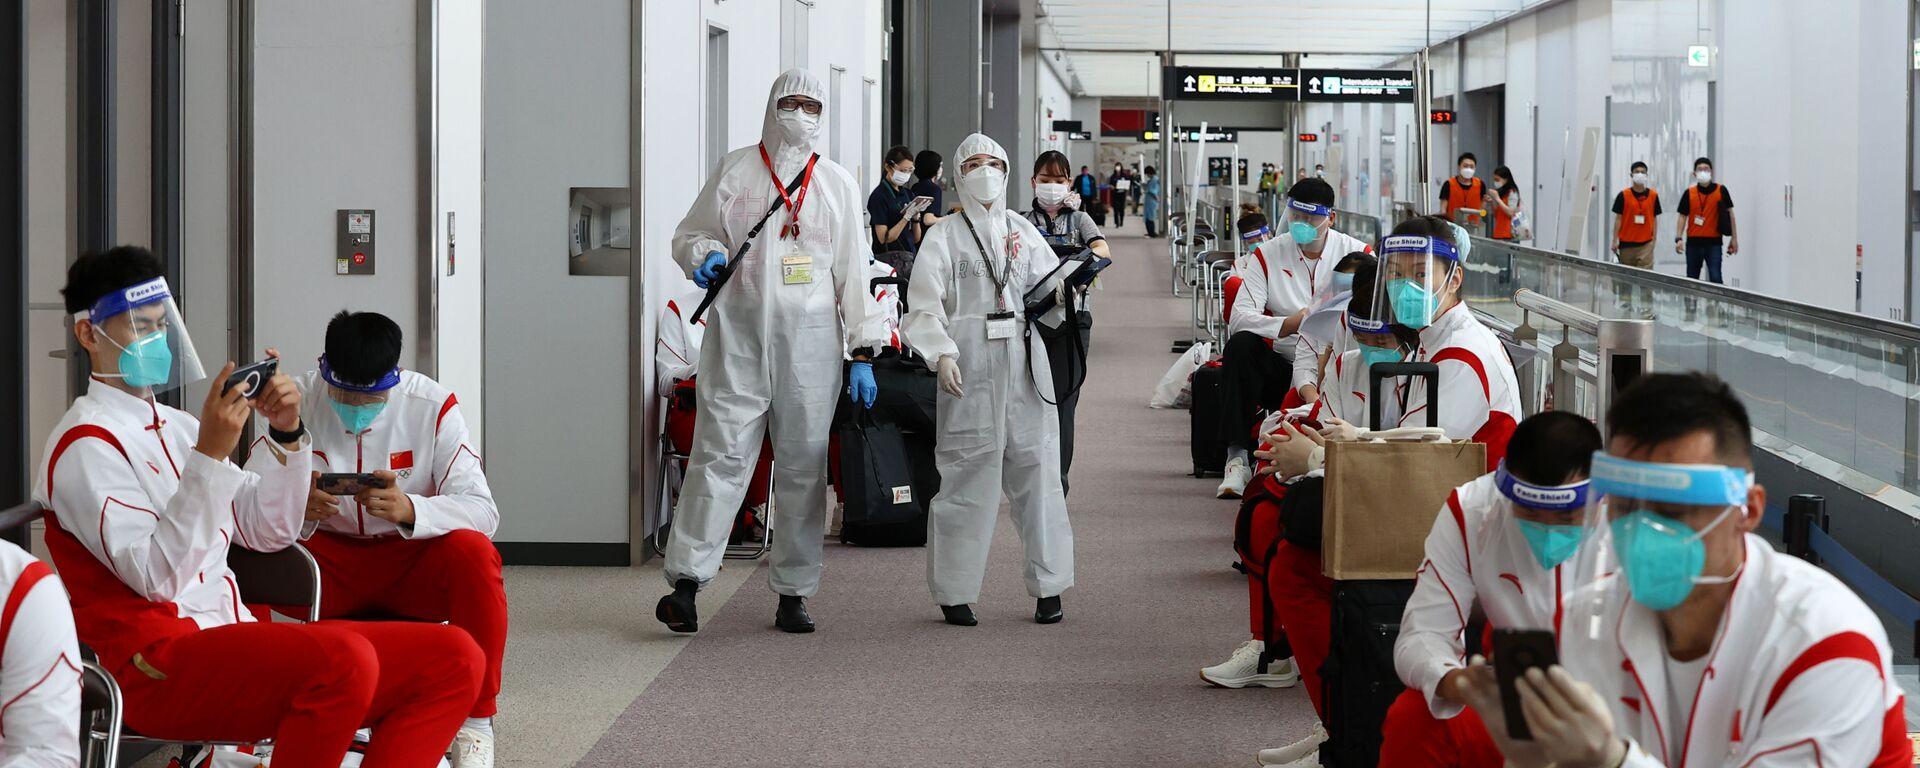 Сотрудники в защитных костюмах и сборная Китая в аэропорту Нарита  - Sputnik Italia, 1920, 19.07.2021